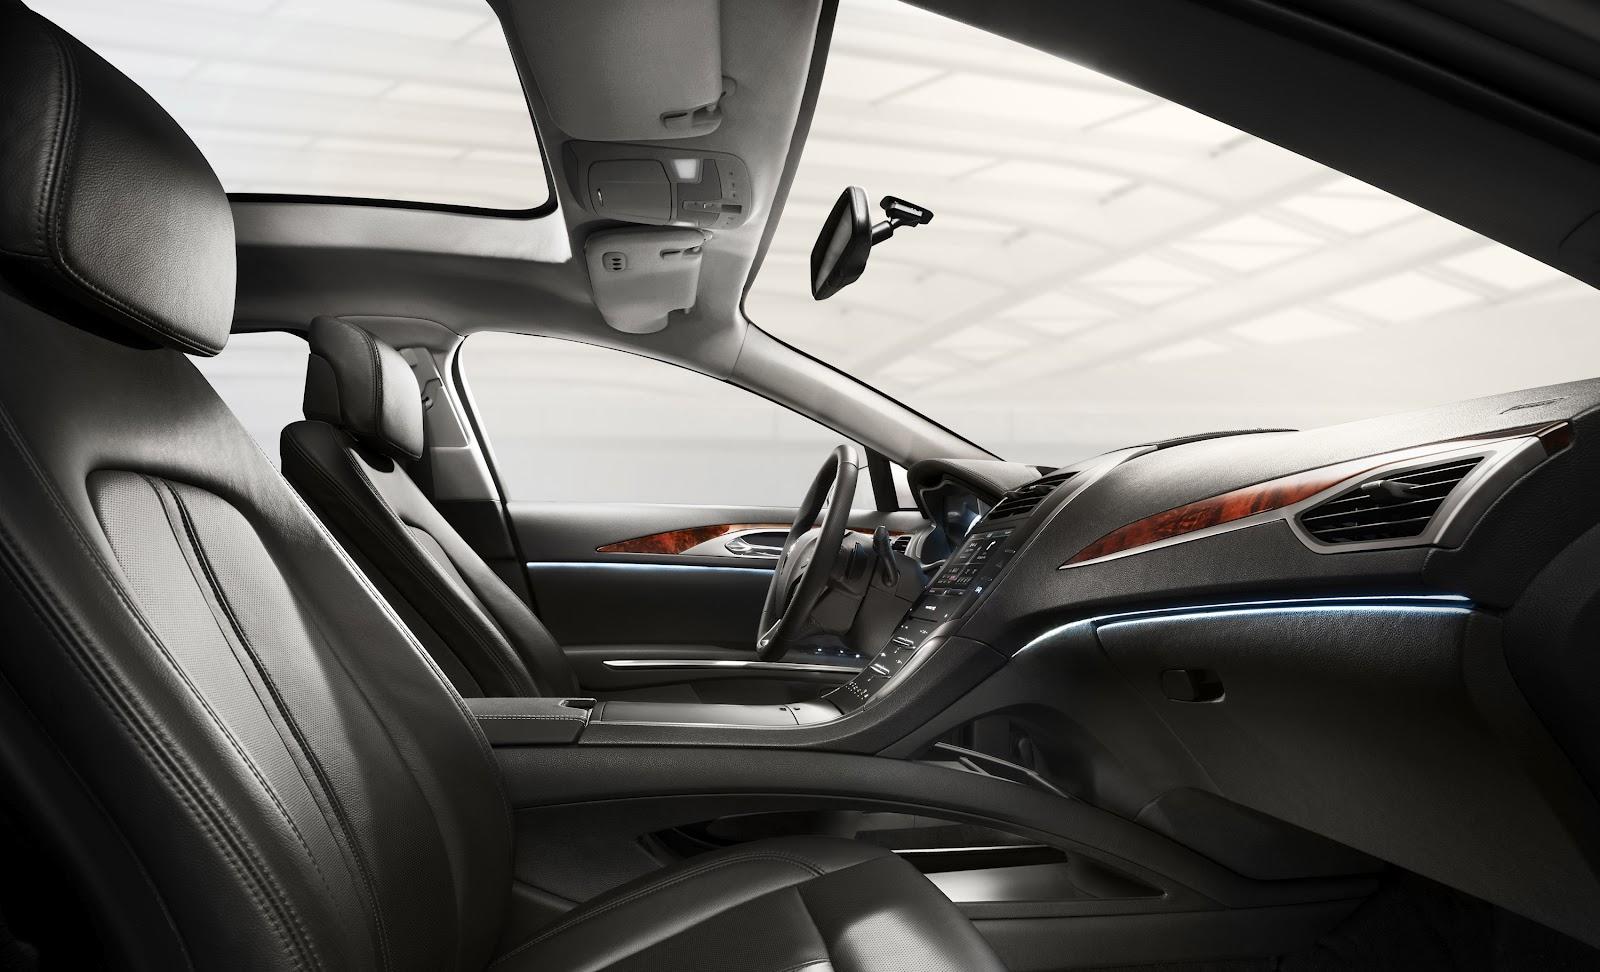 2016 - [Lincoln] MKZ - Page 2 2013+lincoln+mkz+interior++3